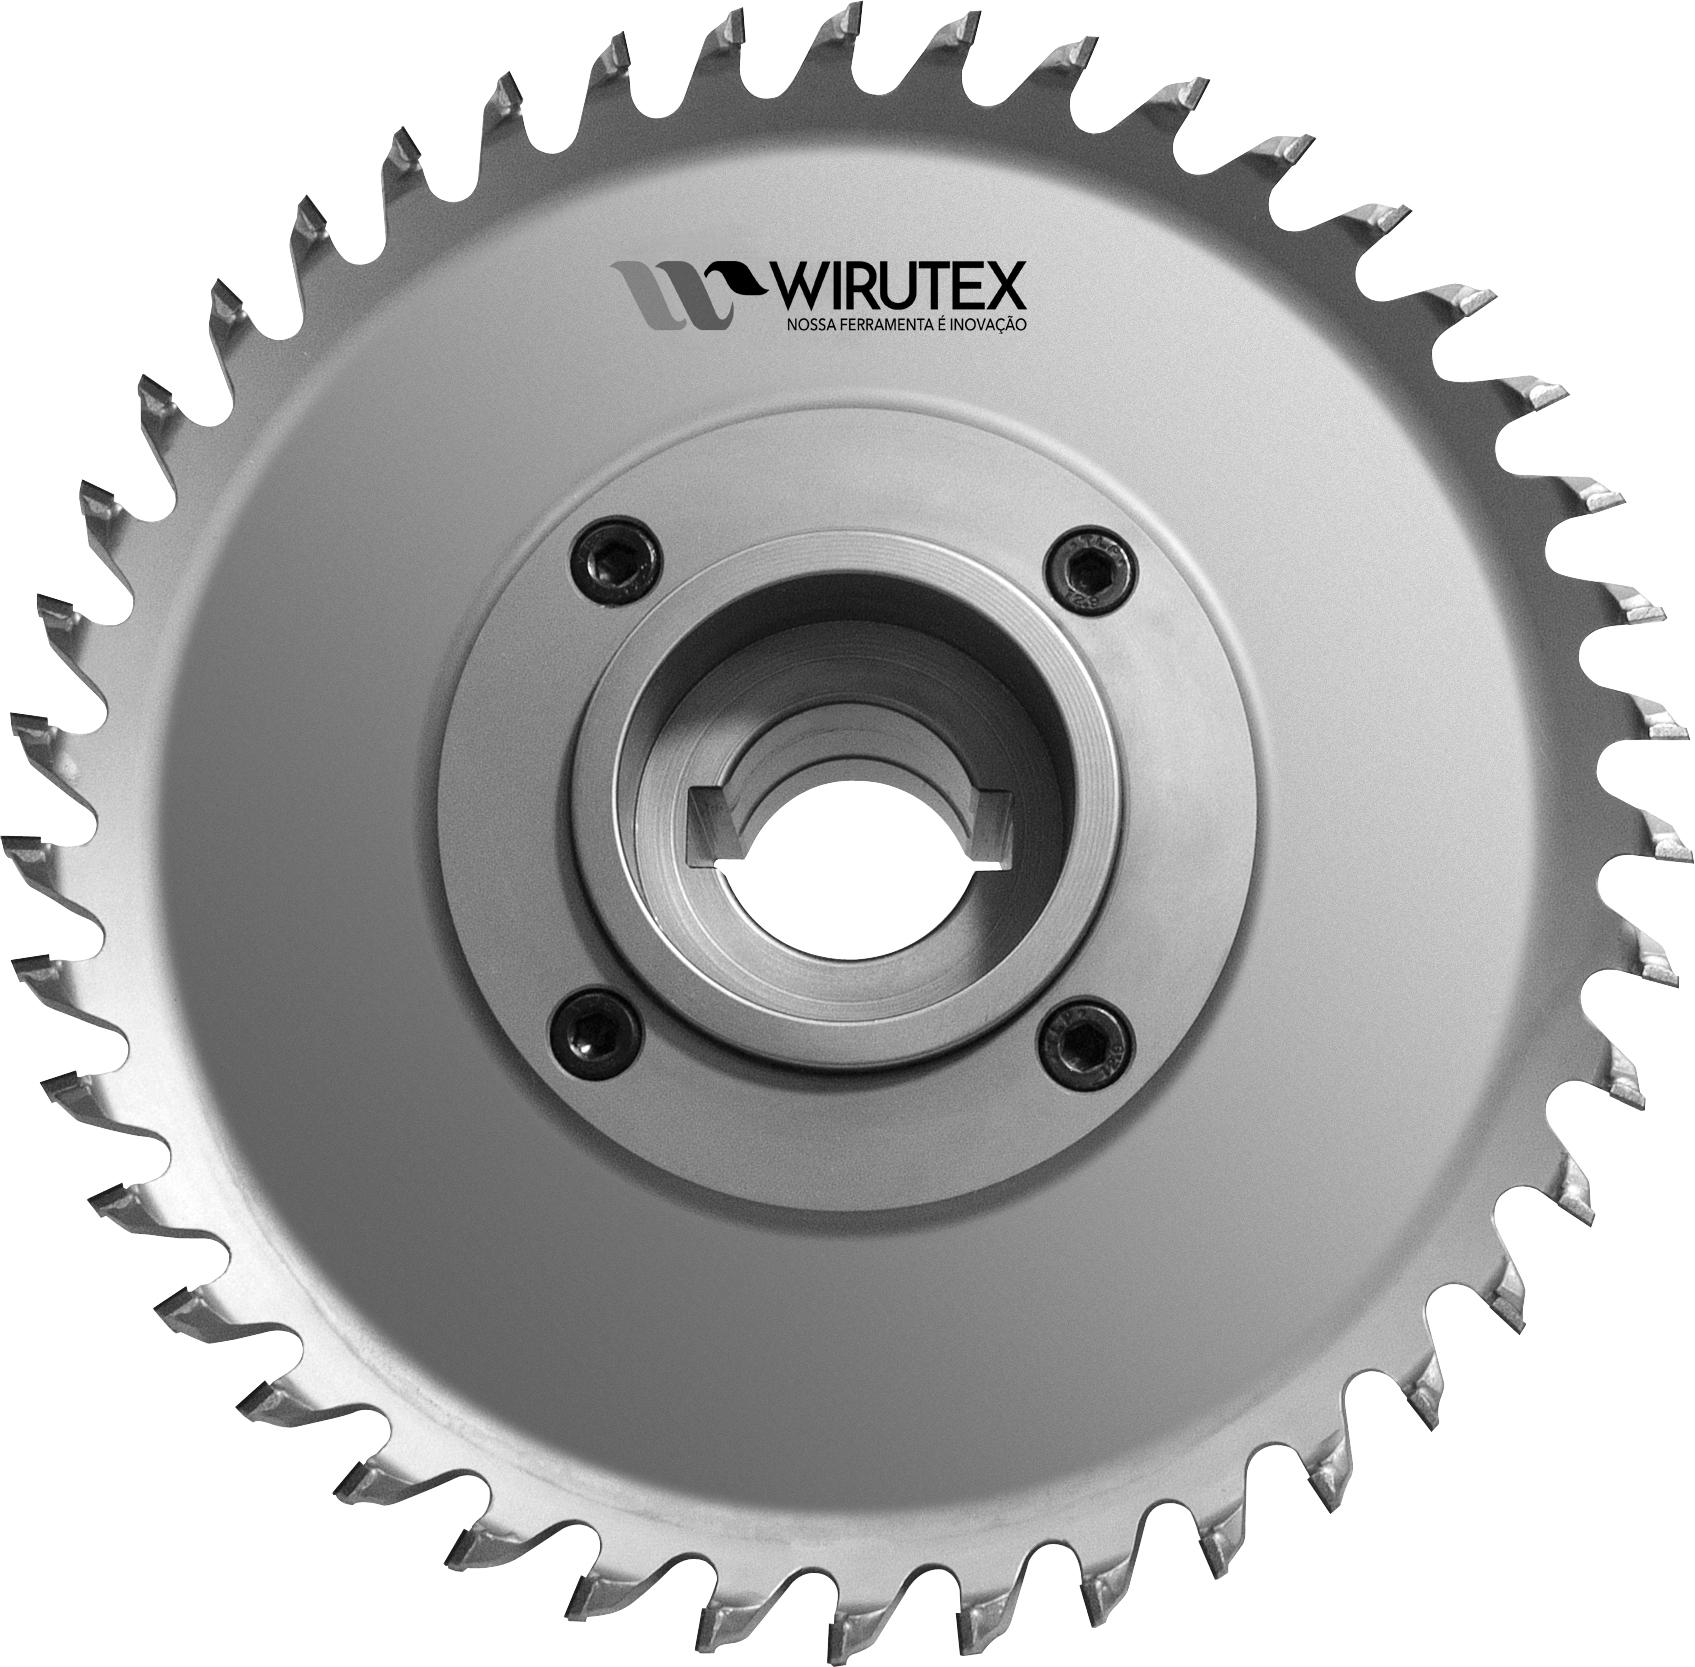 Trituradores | Produto | Wirutex - Nossa Ferramenta é Inovação